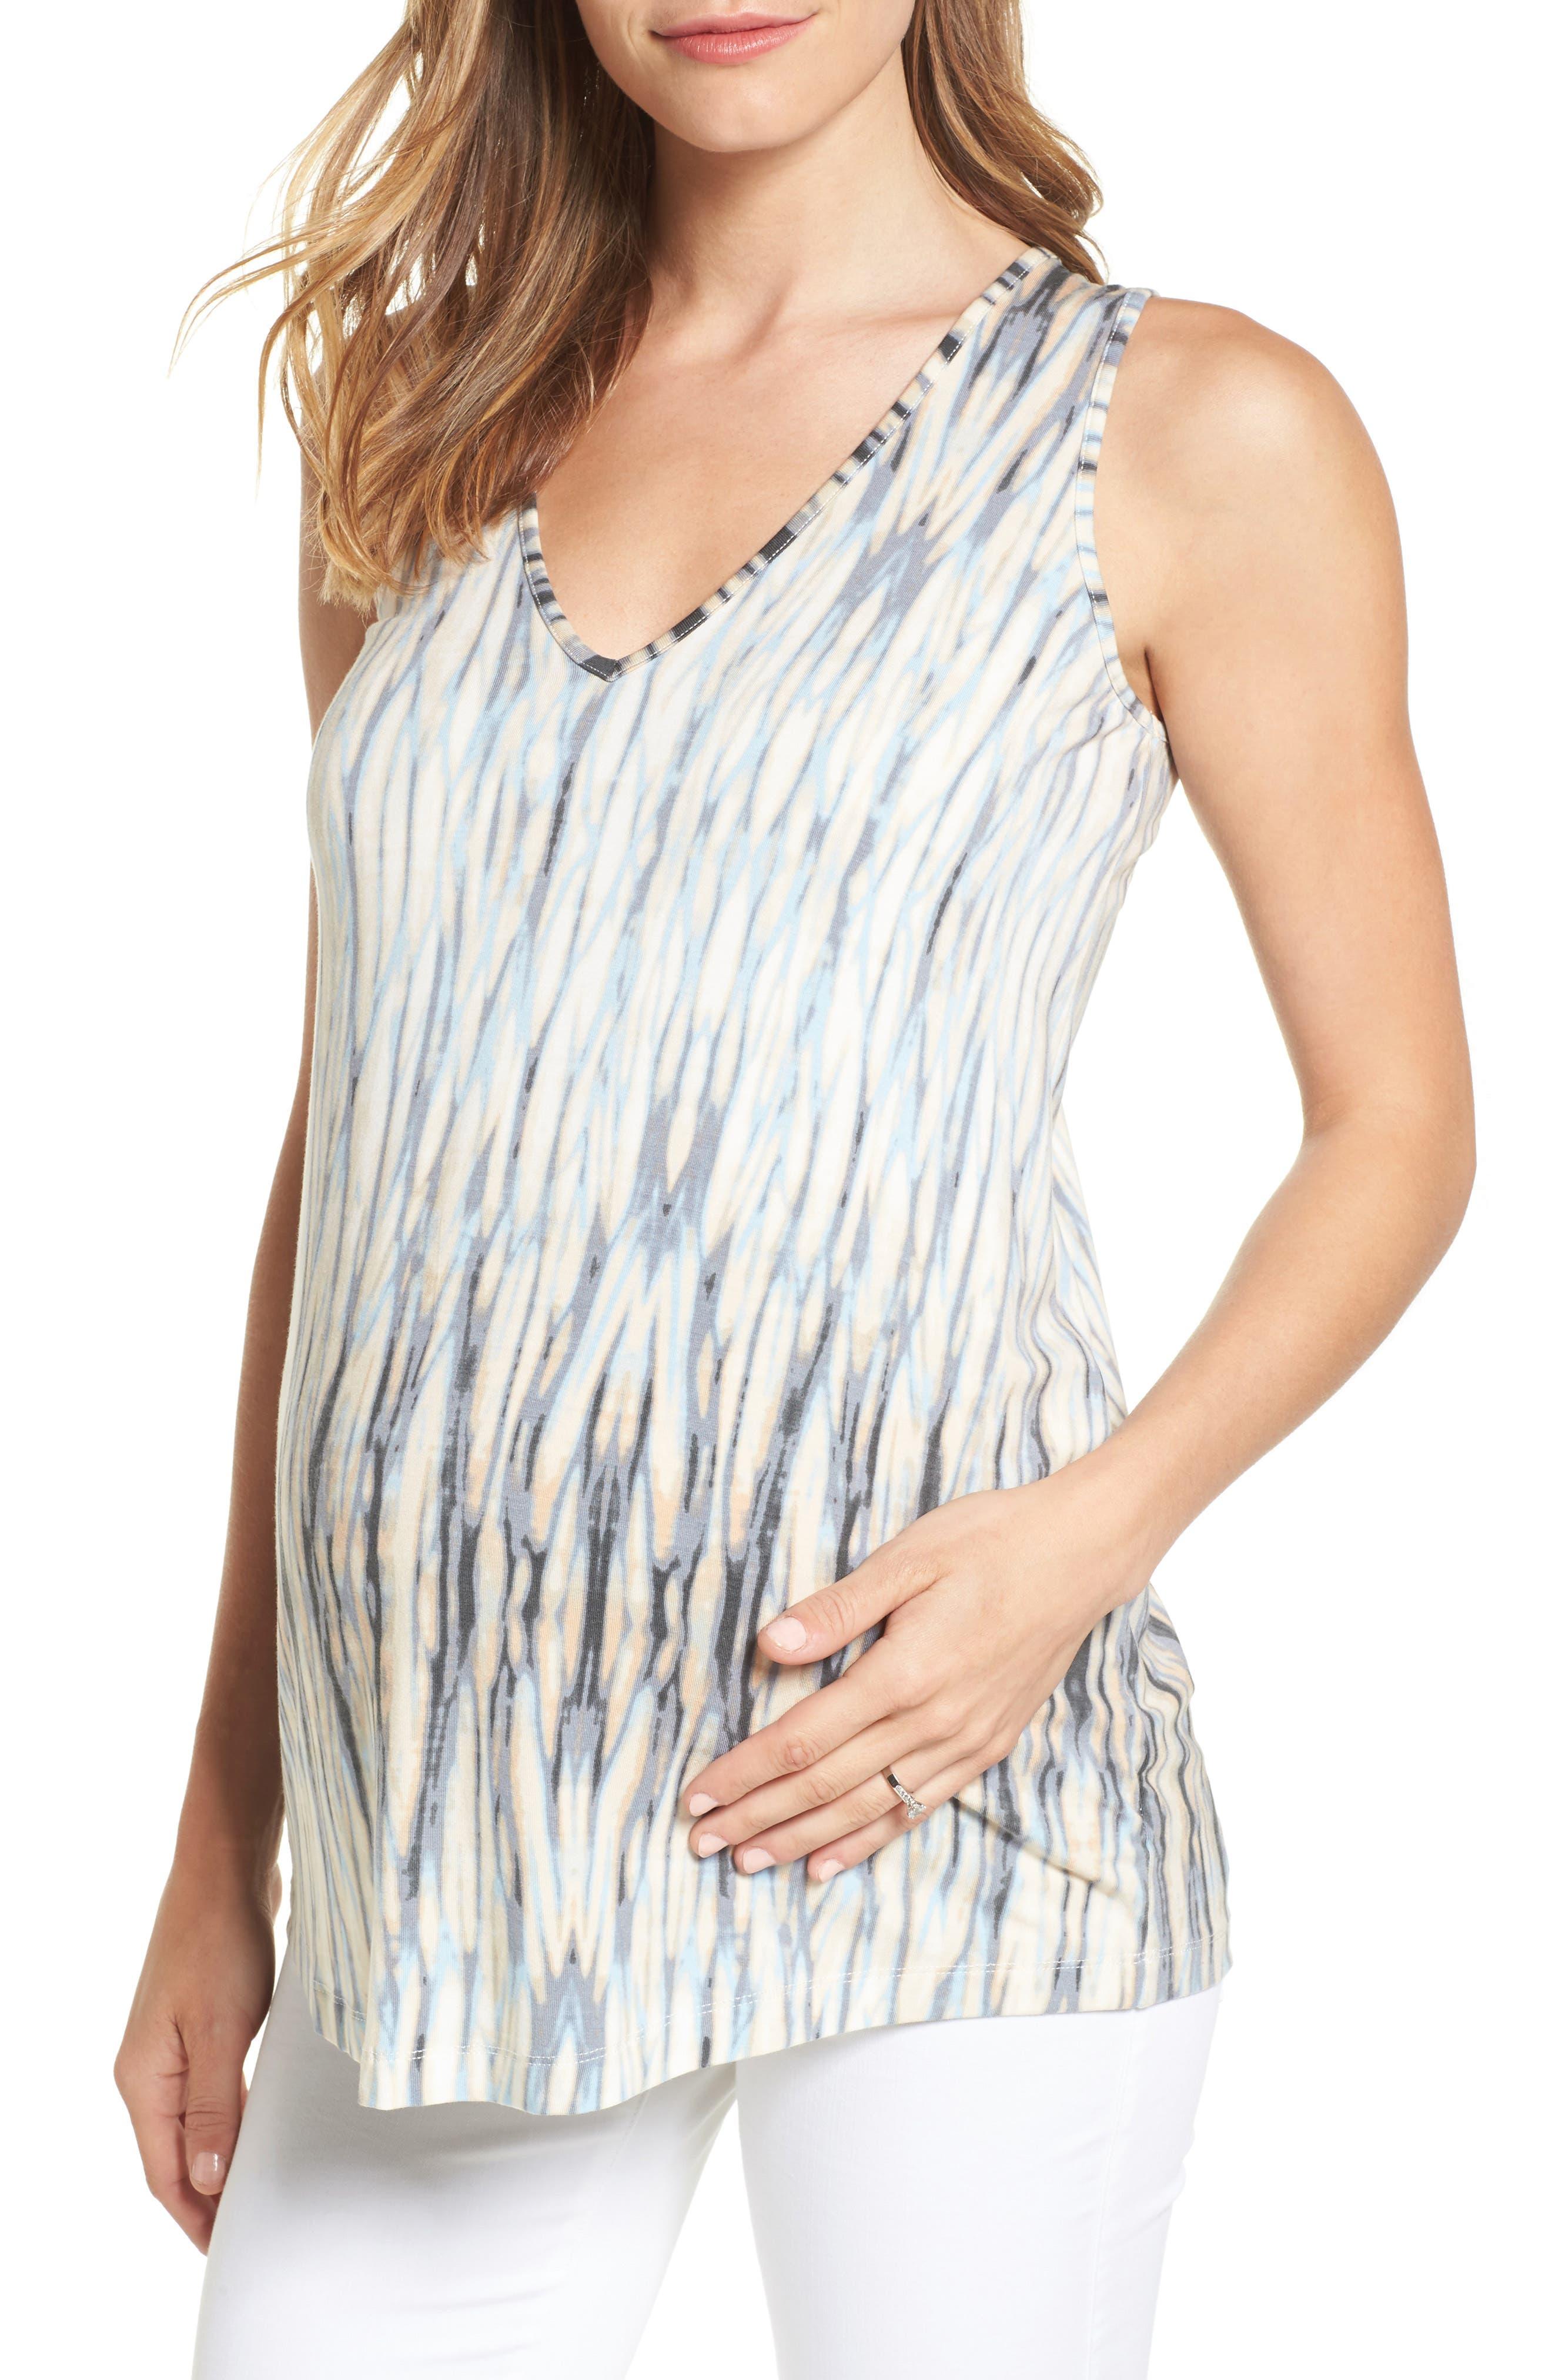 Main Image - Tart Annora Print Maternity Top